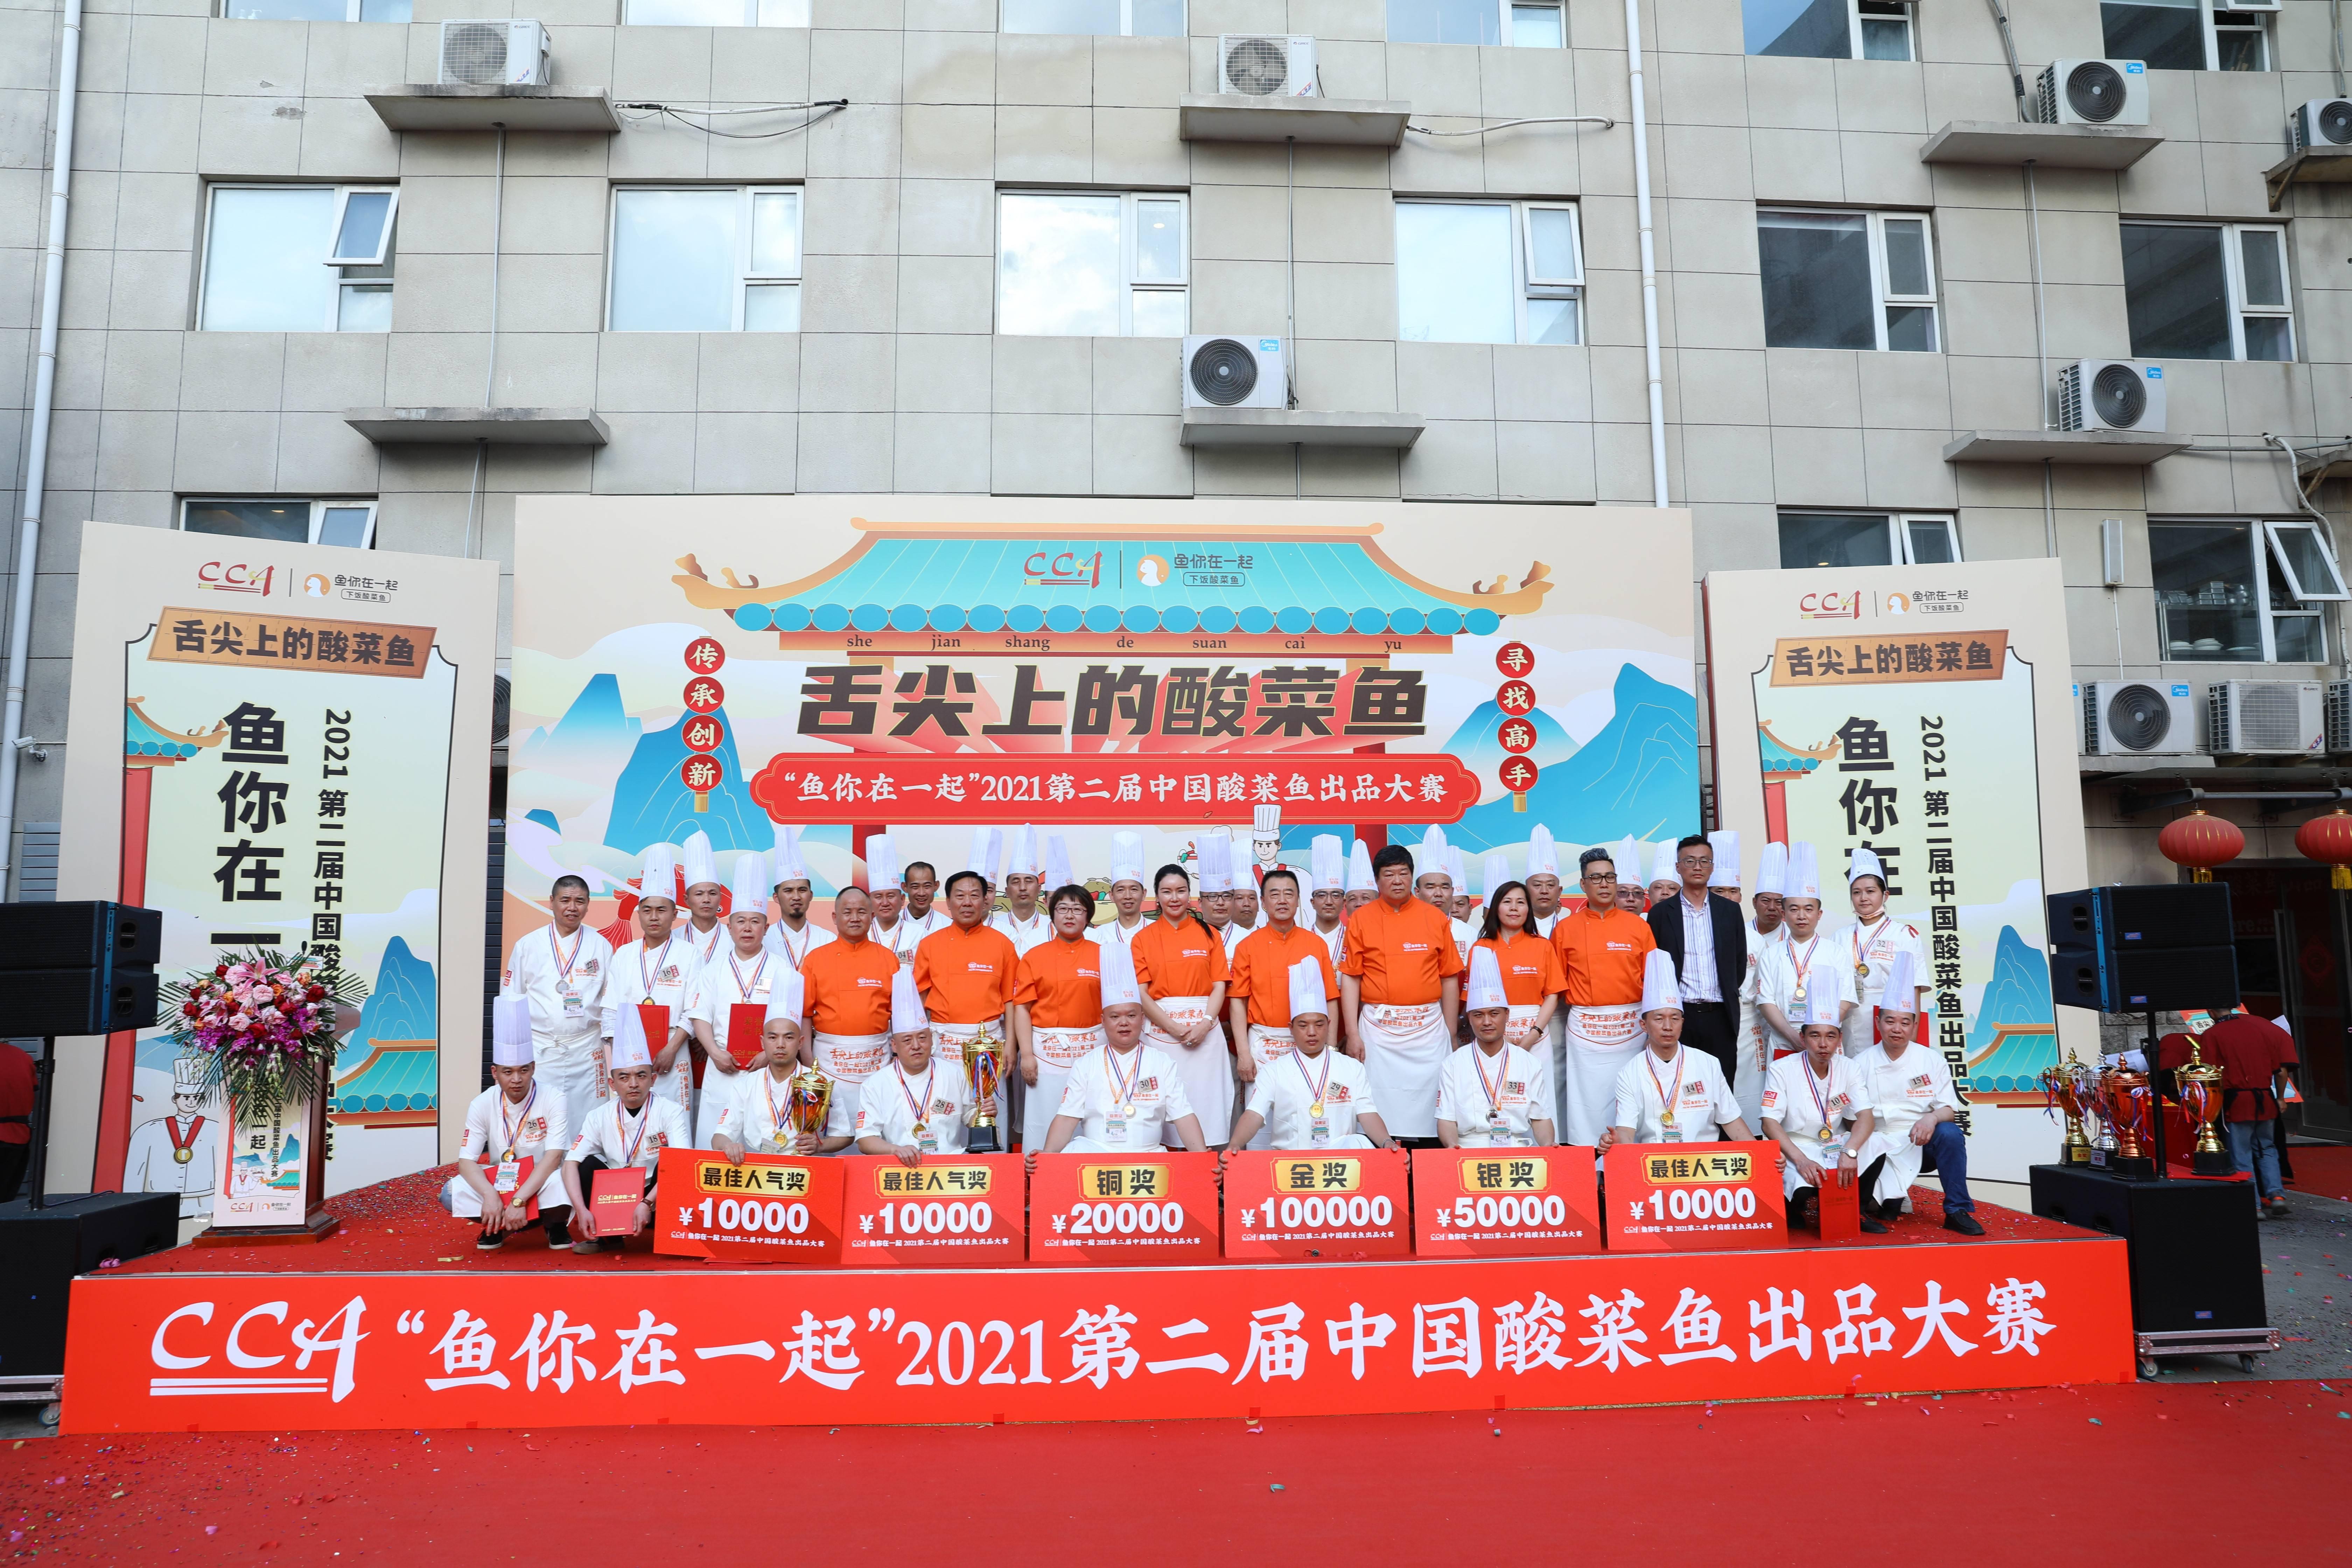 重传承,敢创新,第二届中国酸菜鱼出品大赛在京完美收官